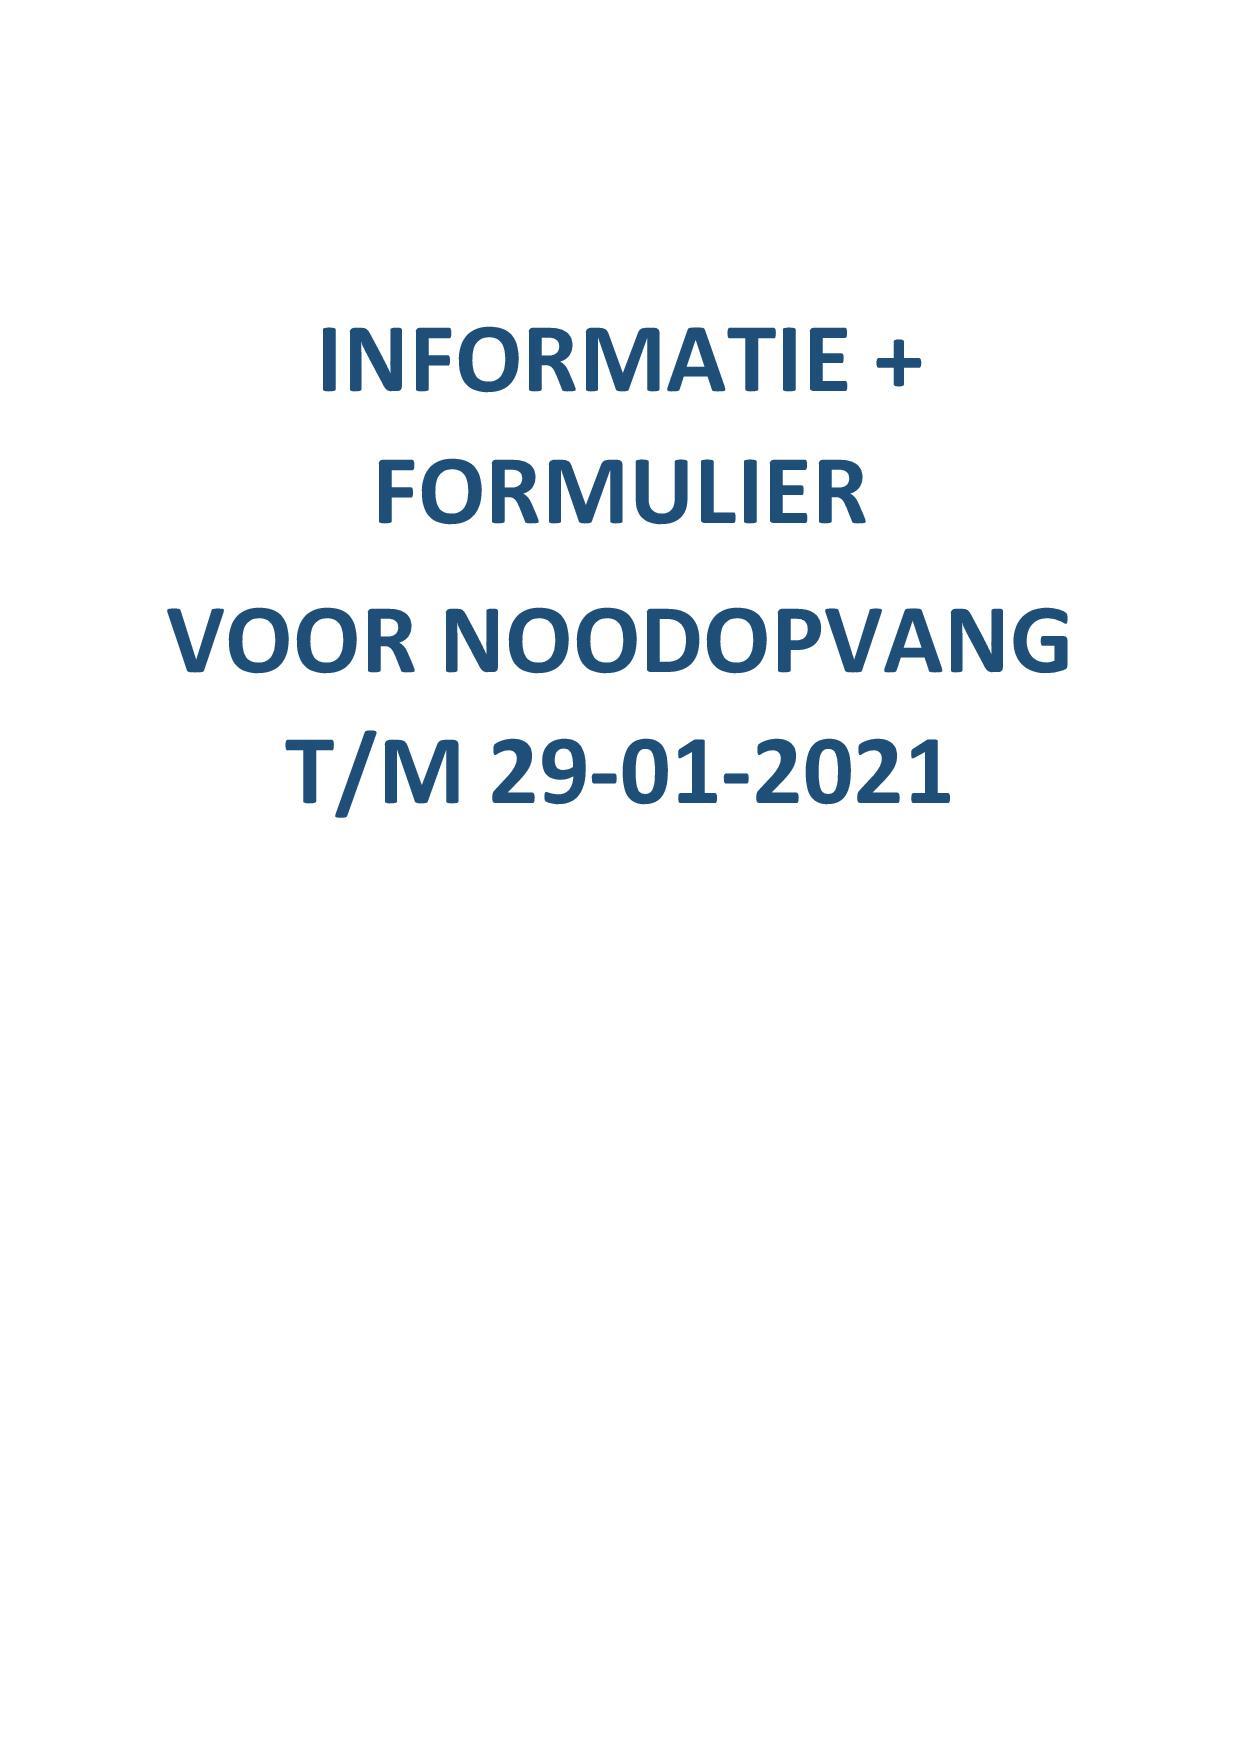 Informatie + formulier voor noodopvang t/m 29-1-2021